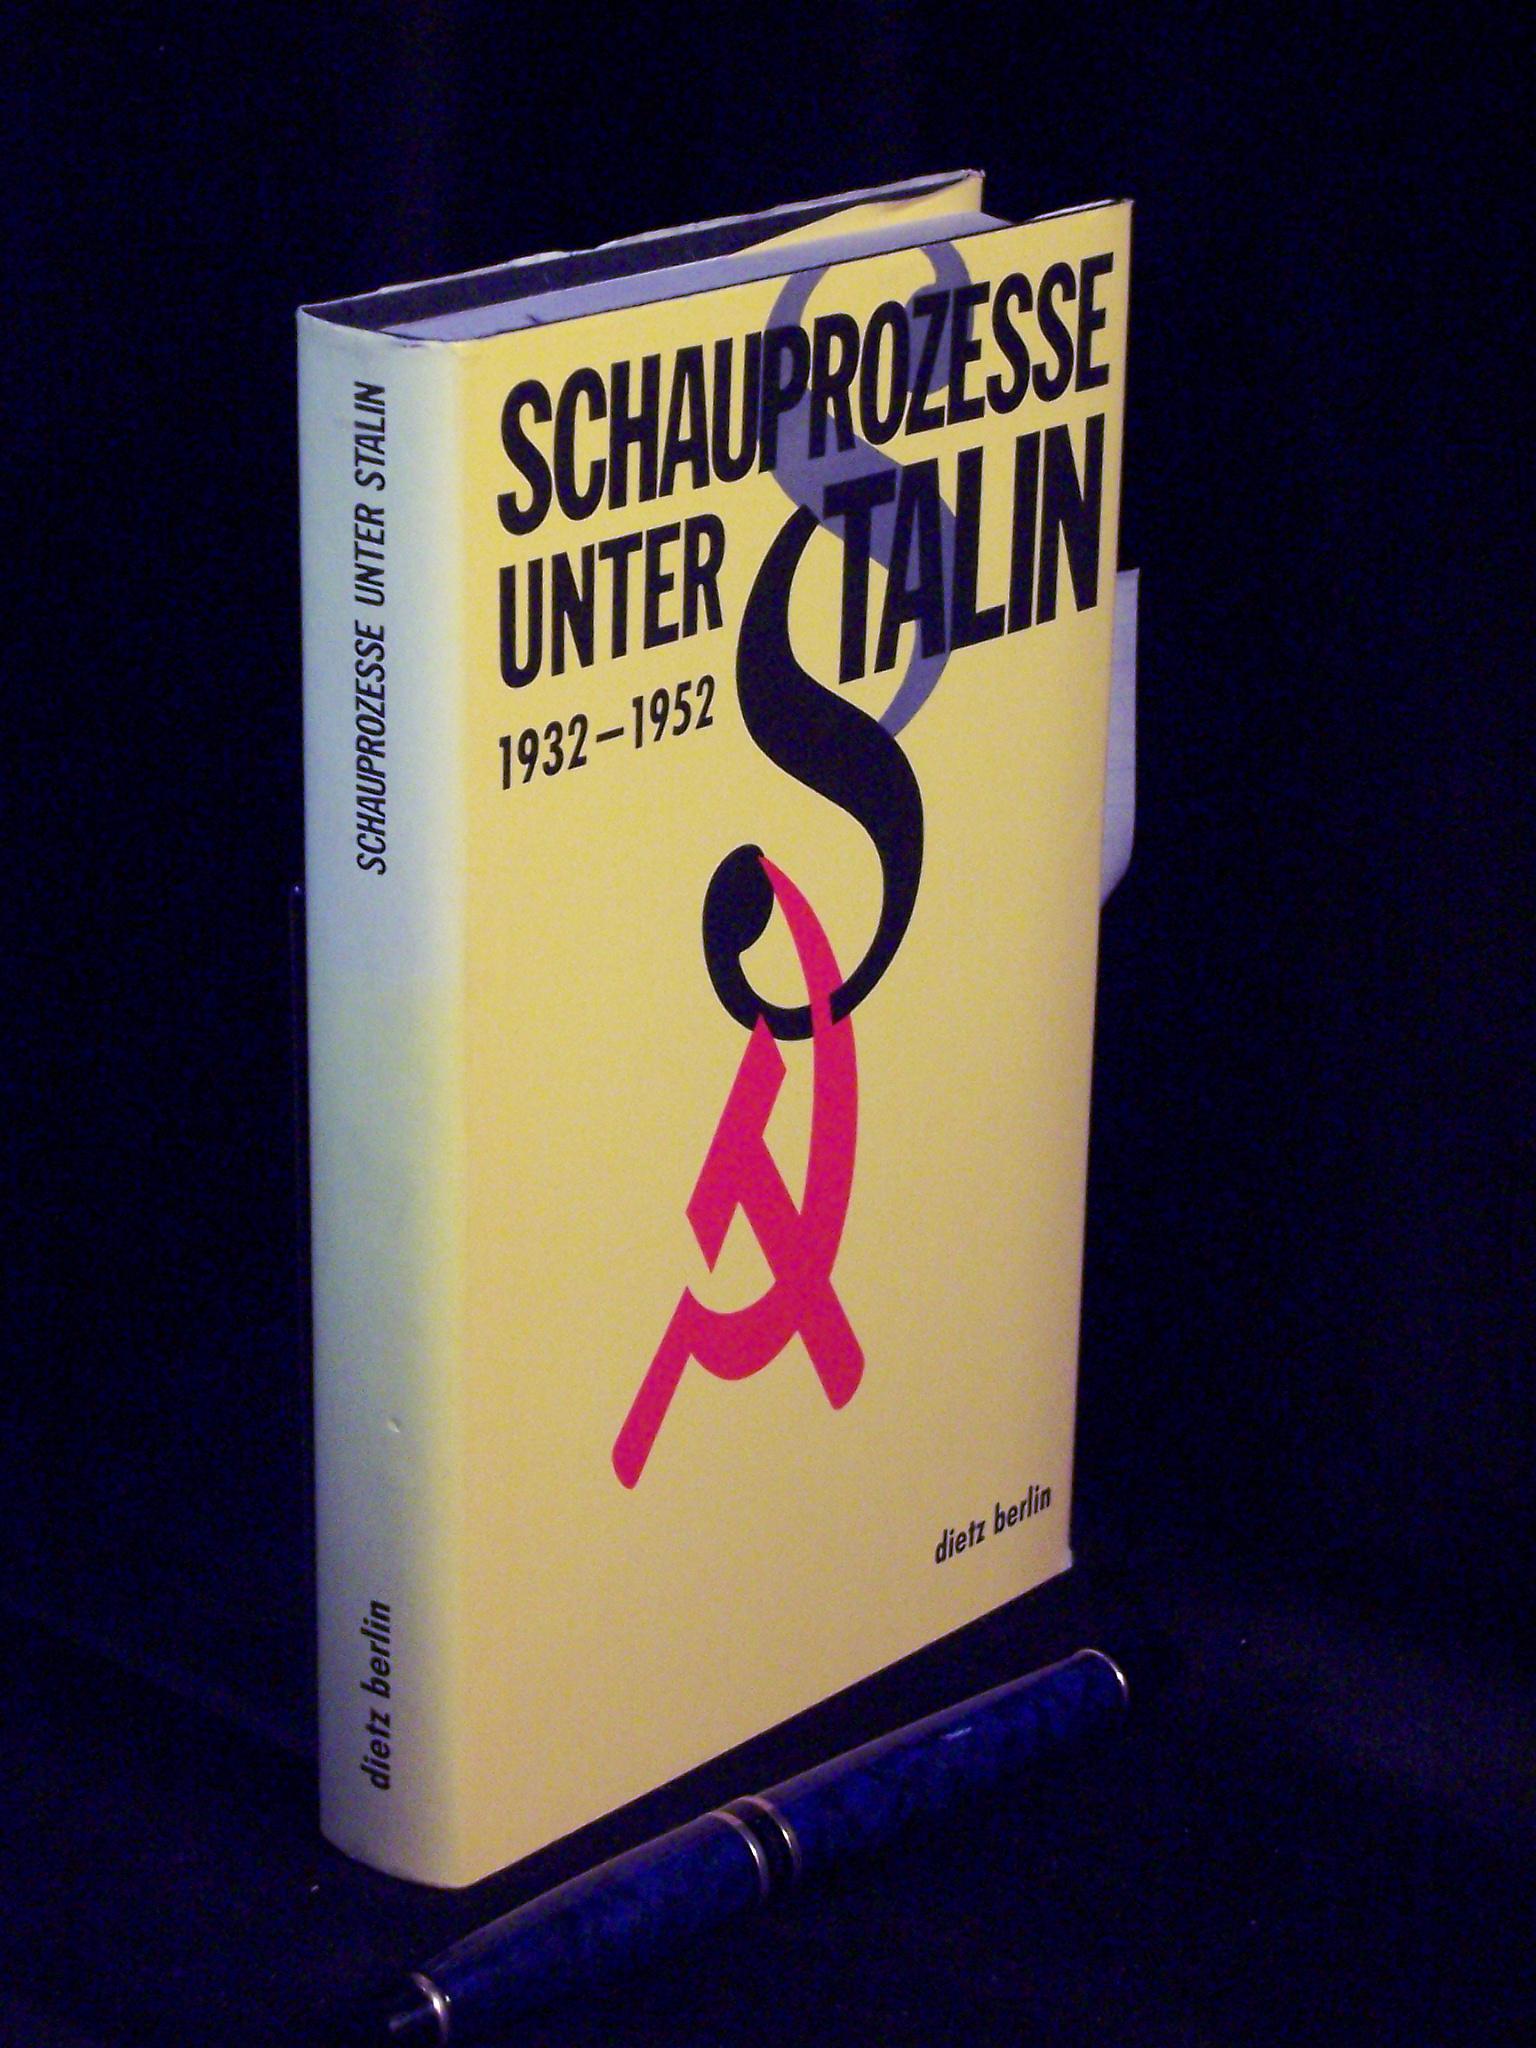 Schauprozesse unter Stalin - 1932-1952 - Zustandekommen, Hintergründe, Opfer -